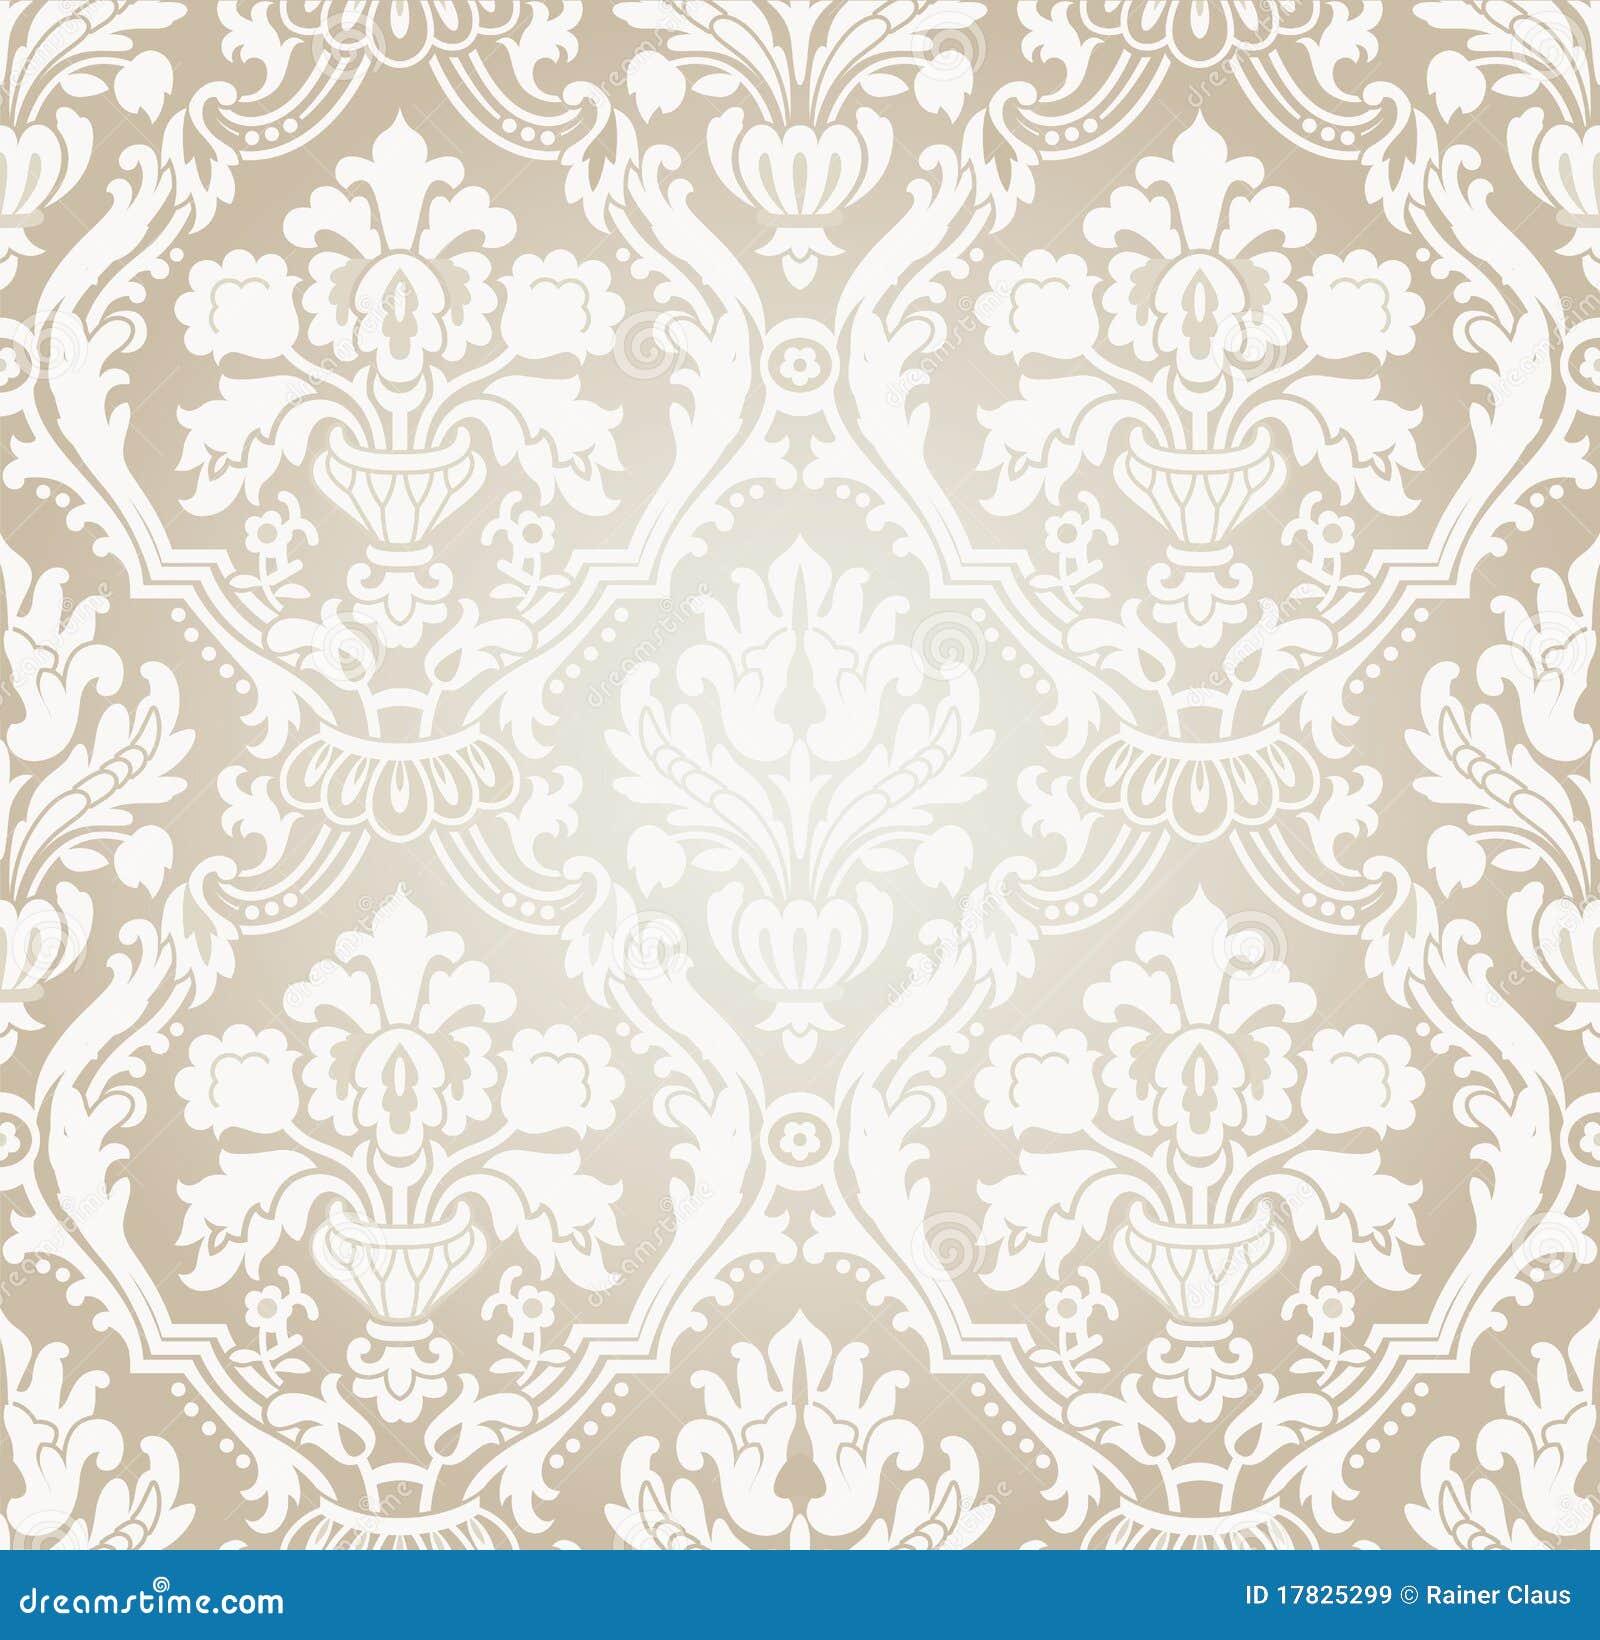 flux beige gris de papier peint images libres de droits image 17825299. Black Bedroom Furniture Sets. Home Design Ideas